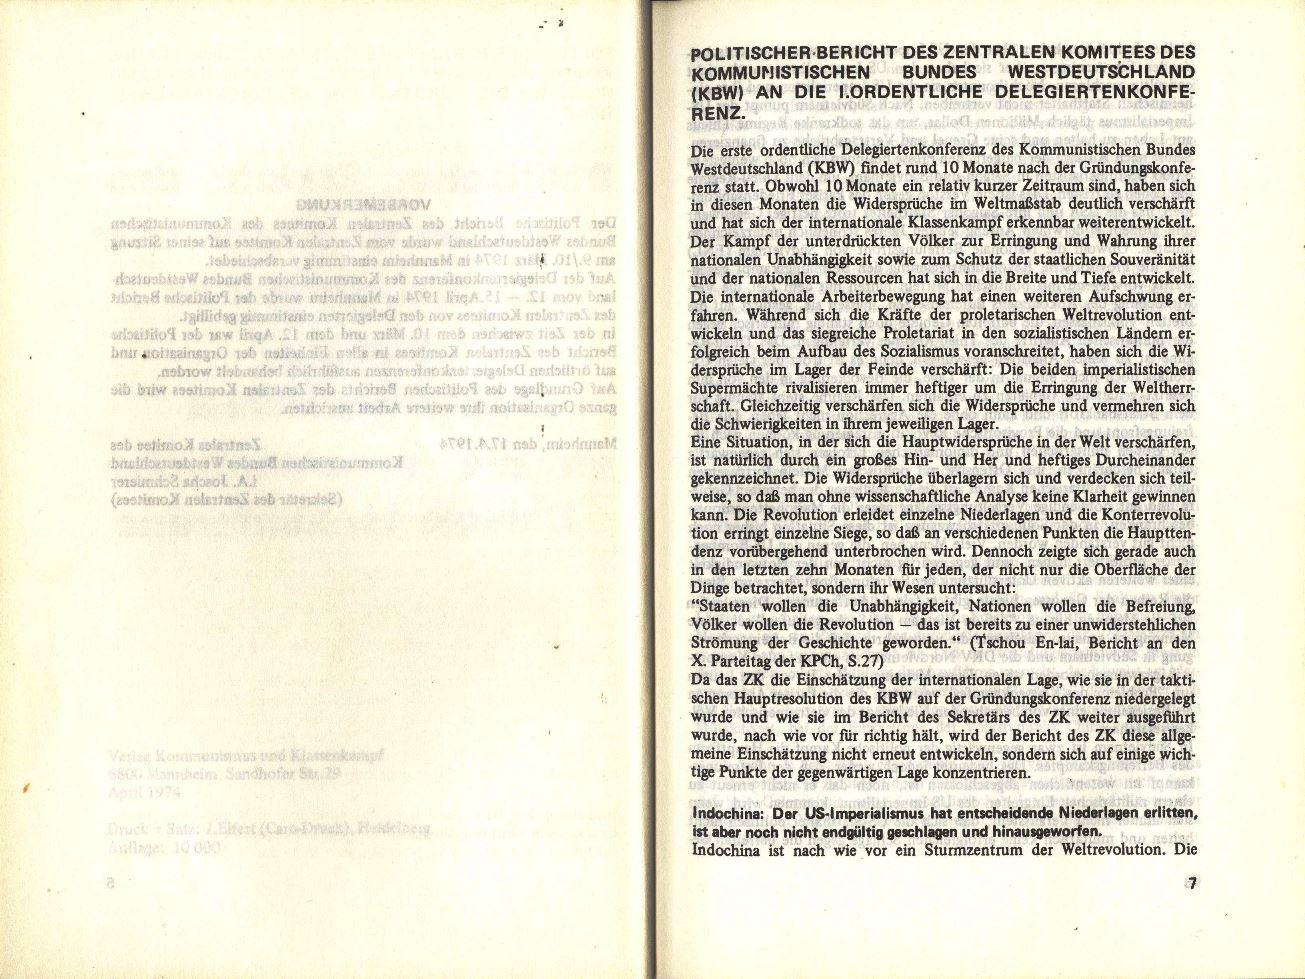 KBW_1974_Politischer_Bericht005